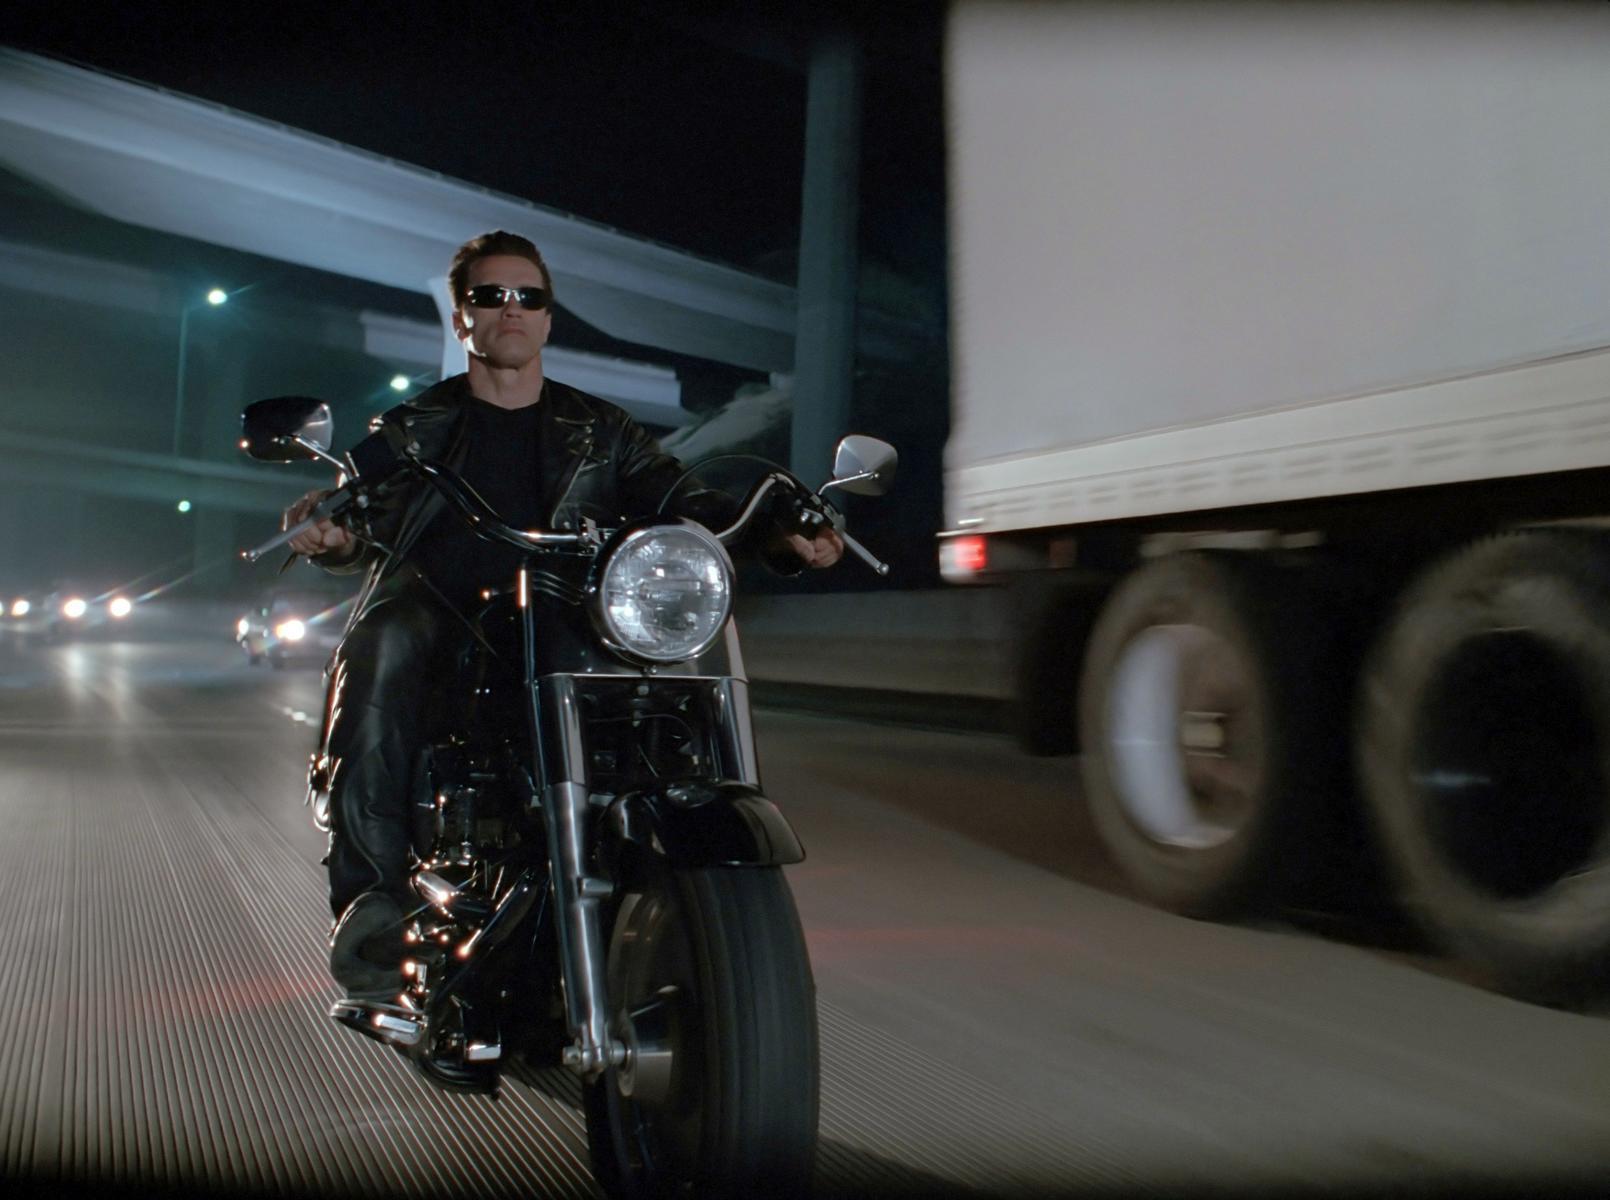 Harley Davidson Movie: Terminator 2: Judgement Day Movie Review